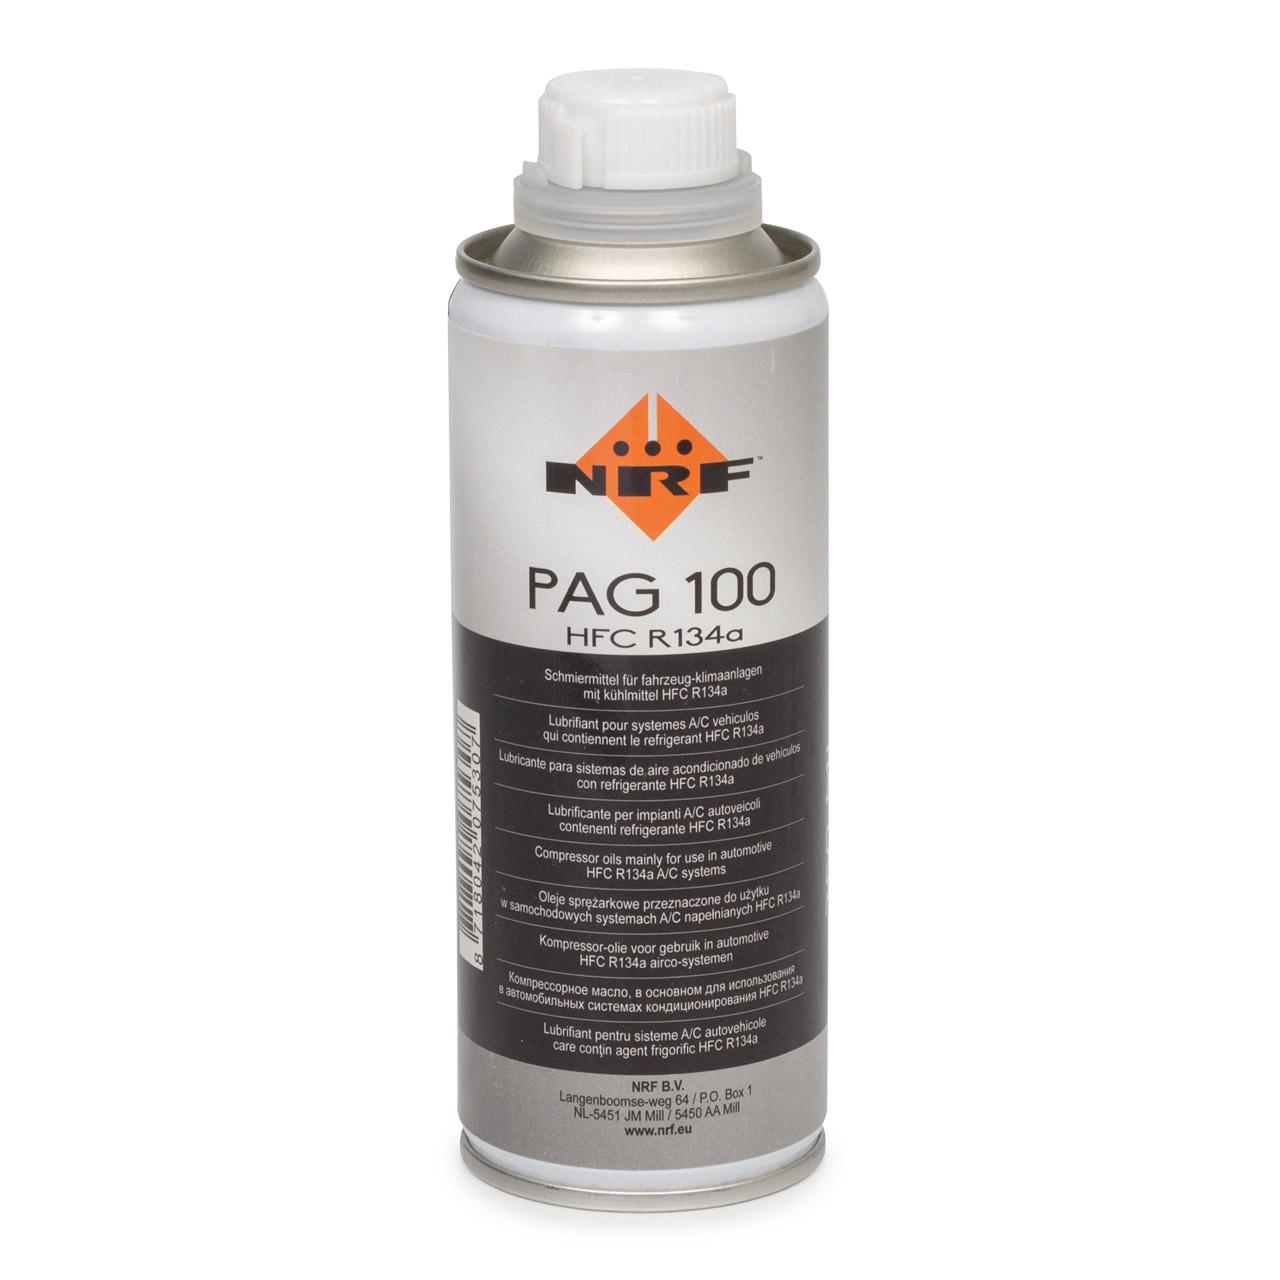 NRF 38816 Kompressor Öl Kompressoröl Klimaanlagenöl PAG 100 HFC R134a 250ml